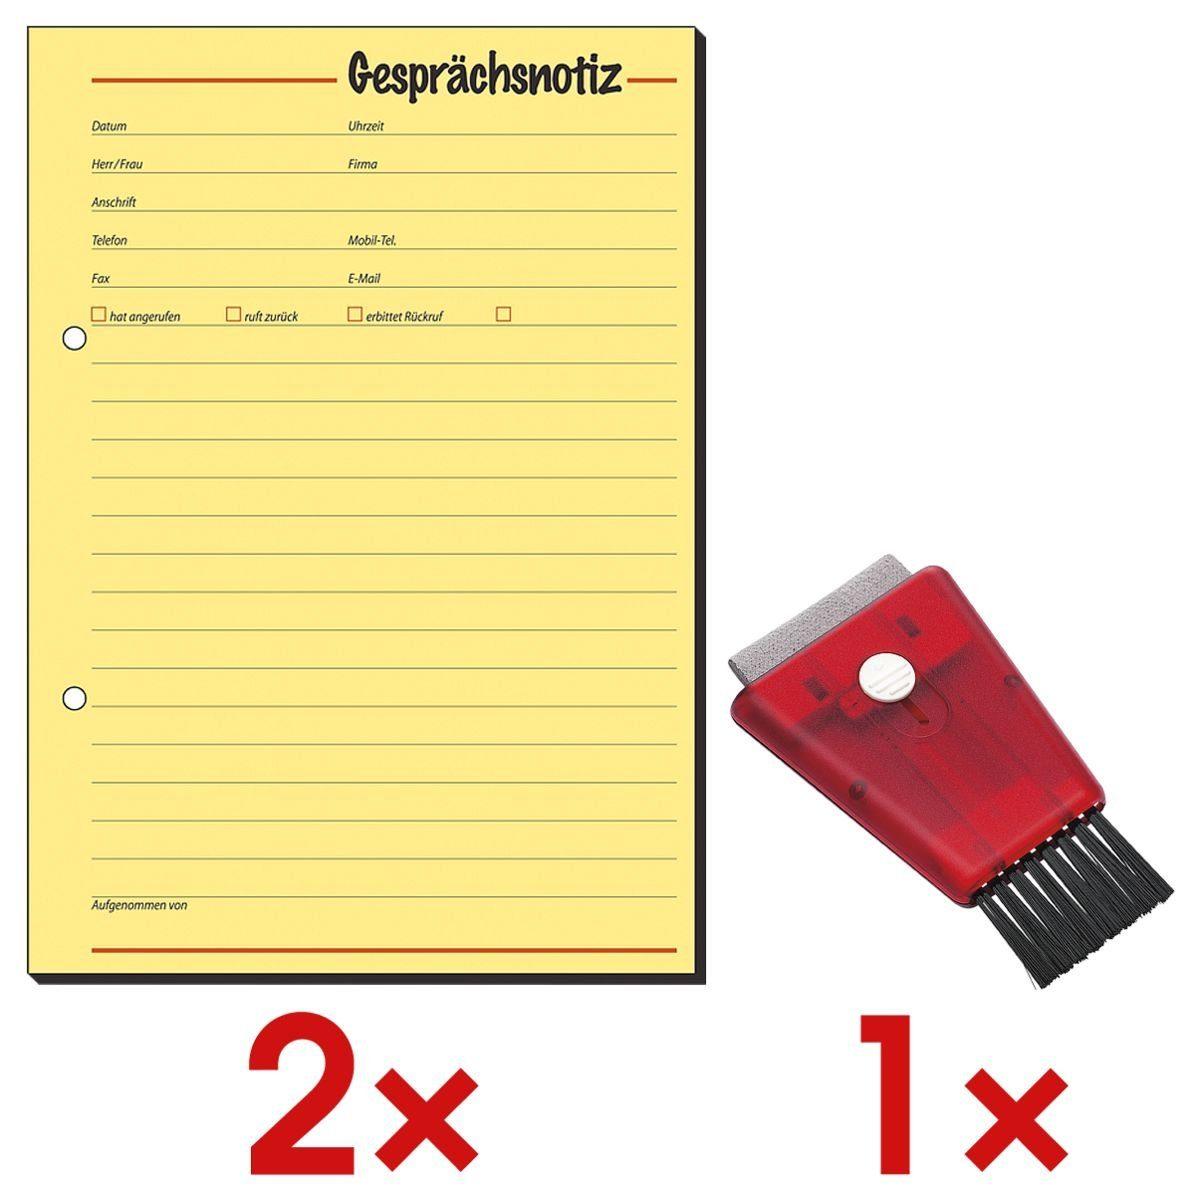 Sigel 2 Formularvordrucke GE513 inkl. 1 PC-Cleaner »Gesprächsnotiz«, (1 Set)